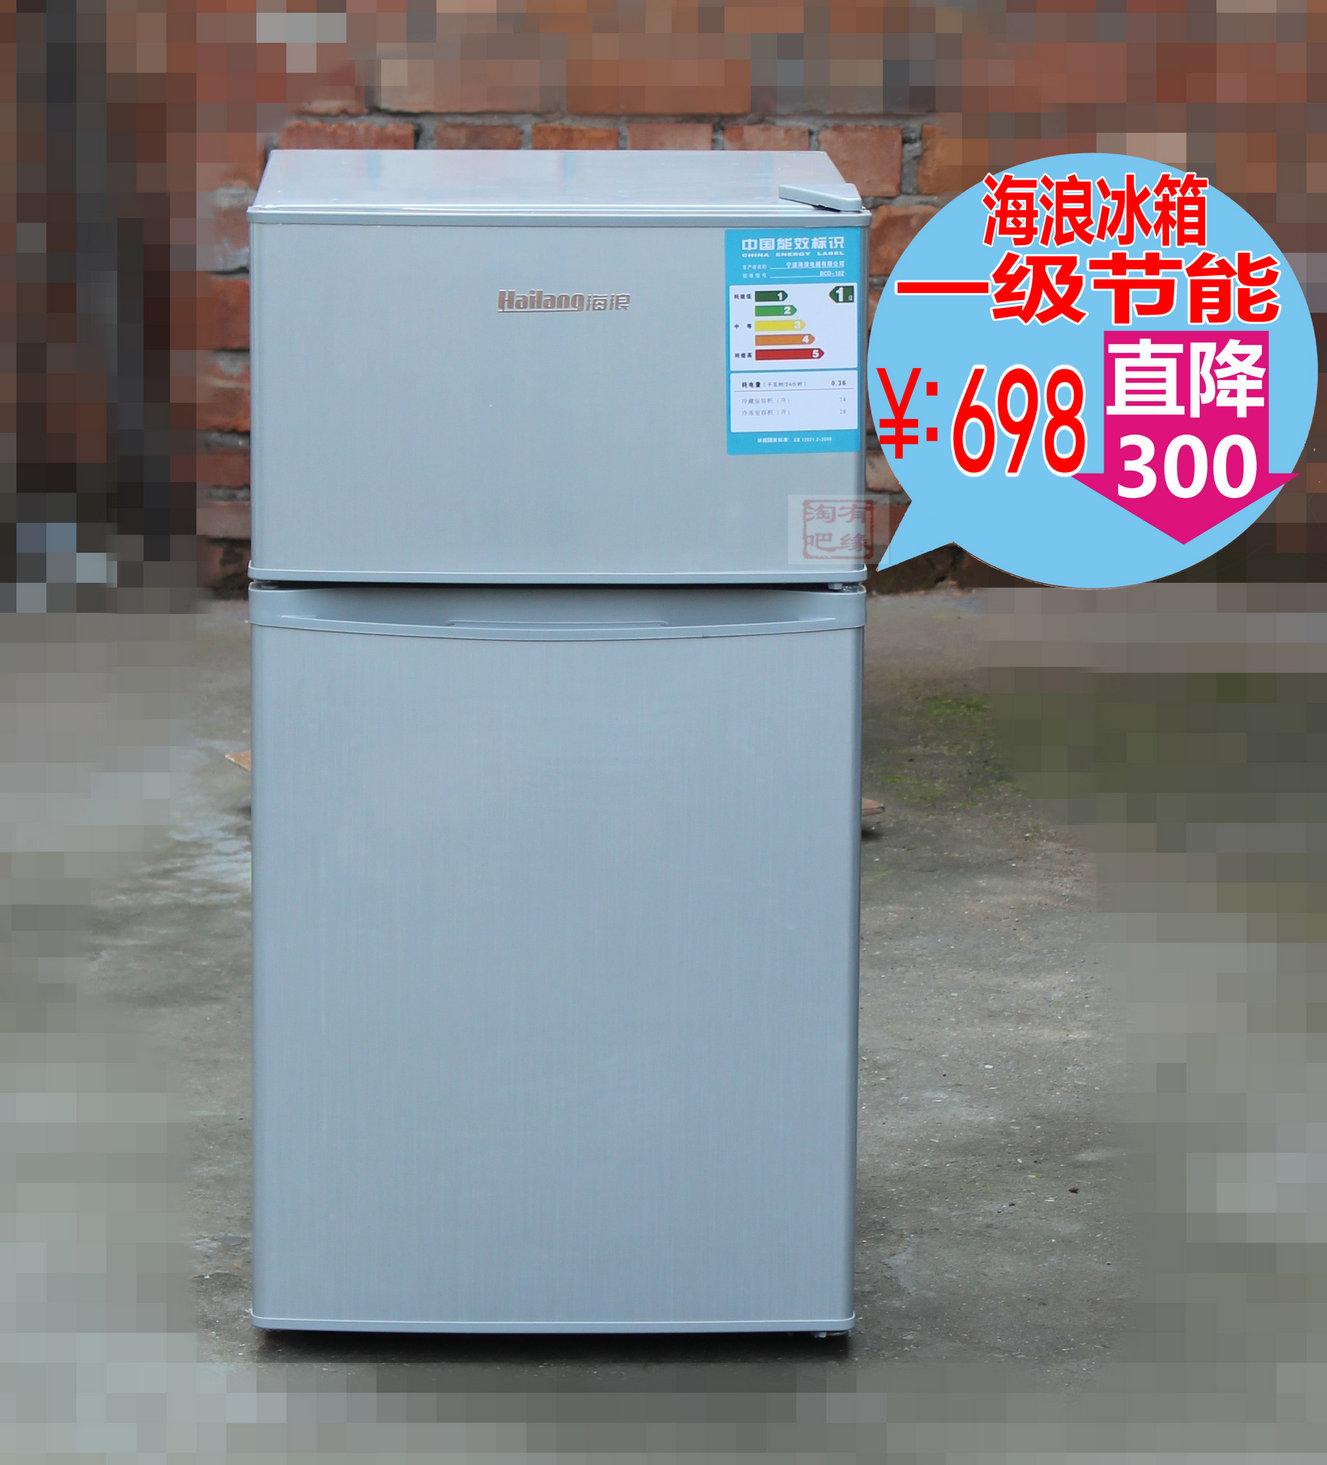 海浪冰箱售后服务_一级节能 热卖102升海浪冷藏冷冻双门电冰箱 联保